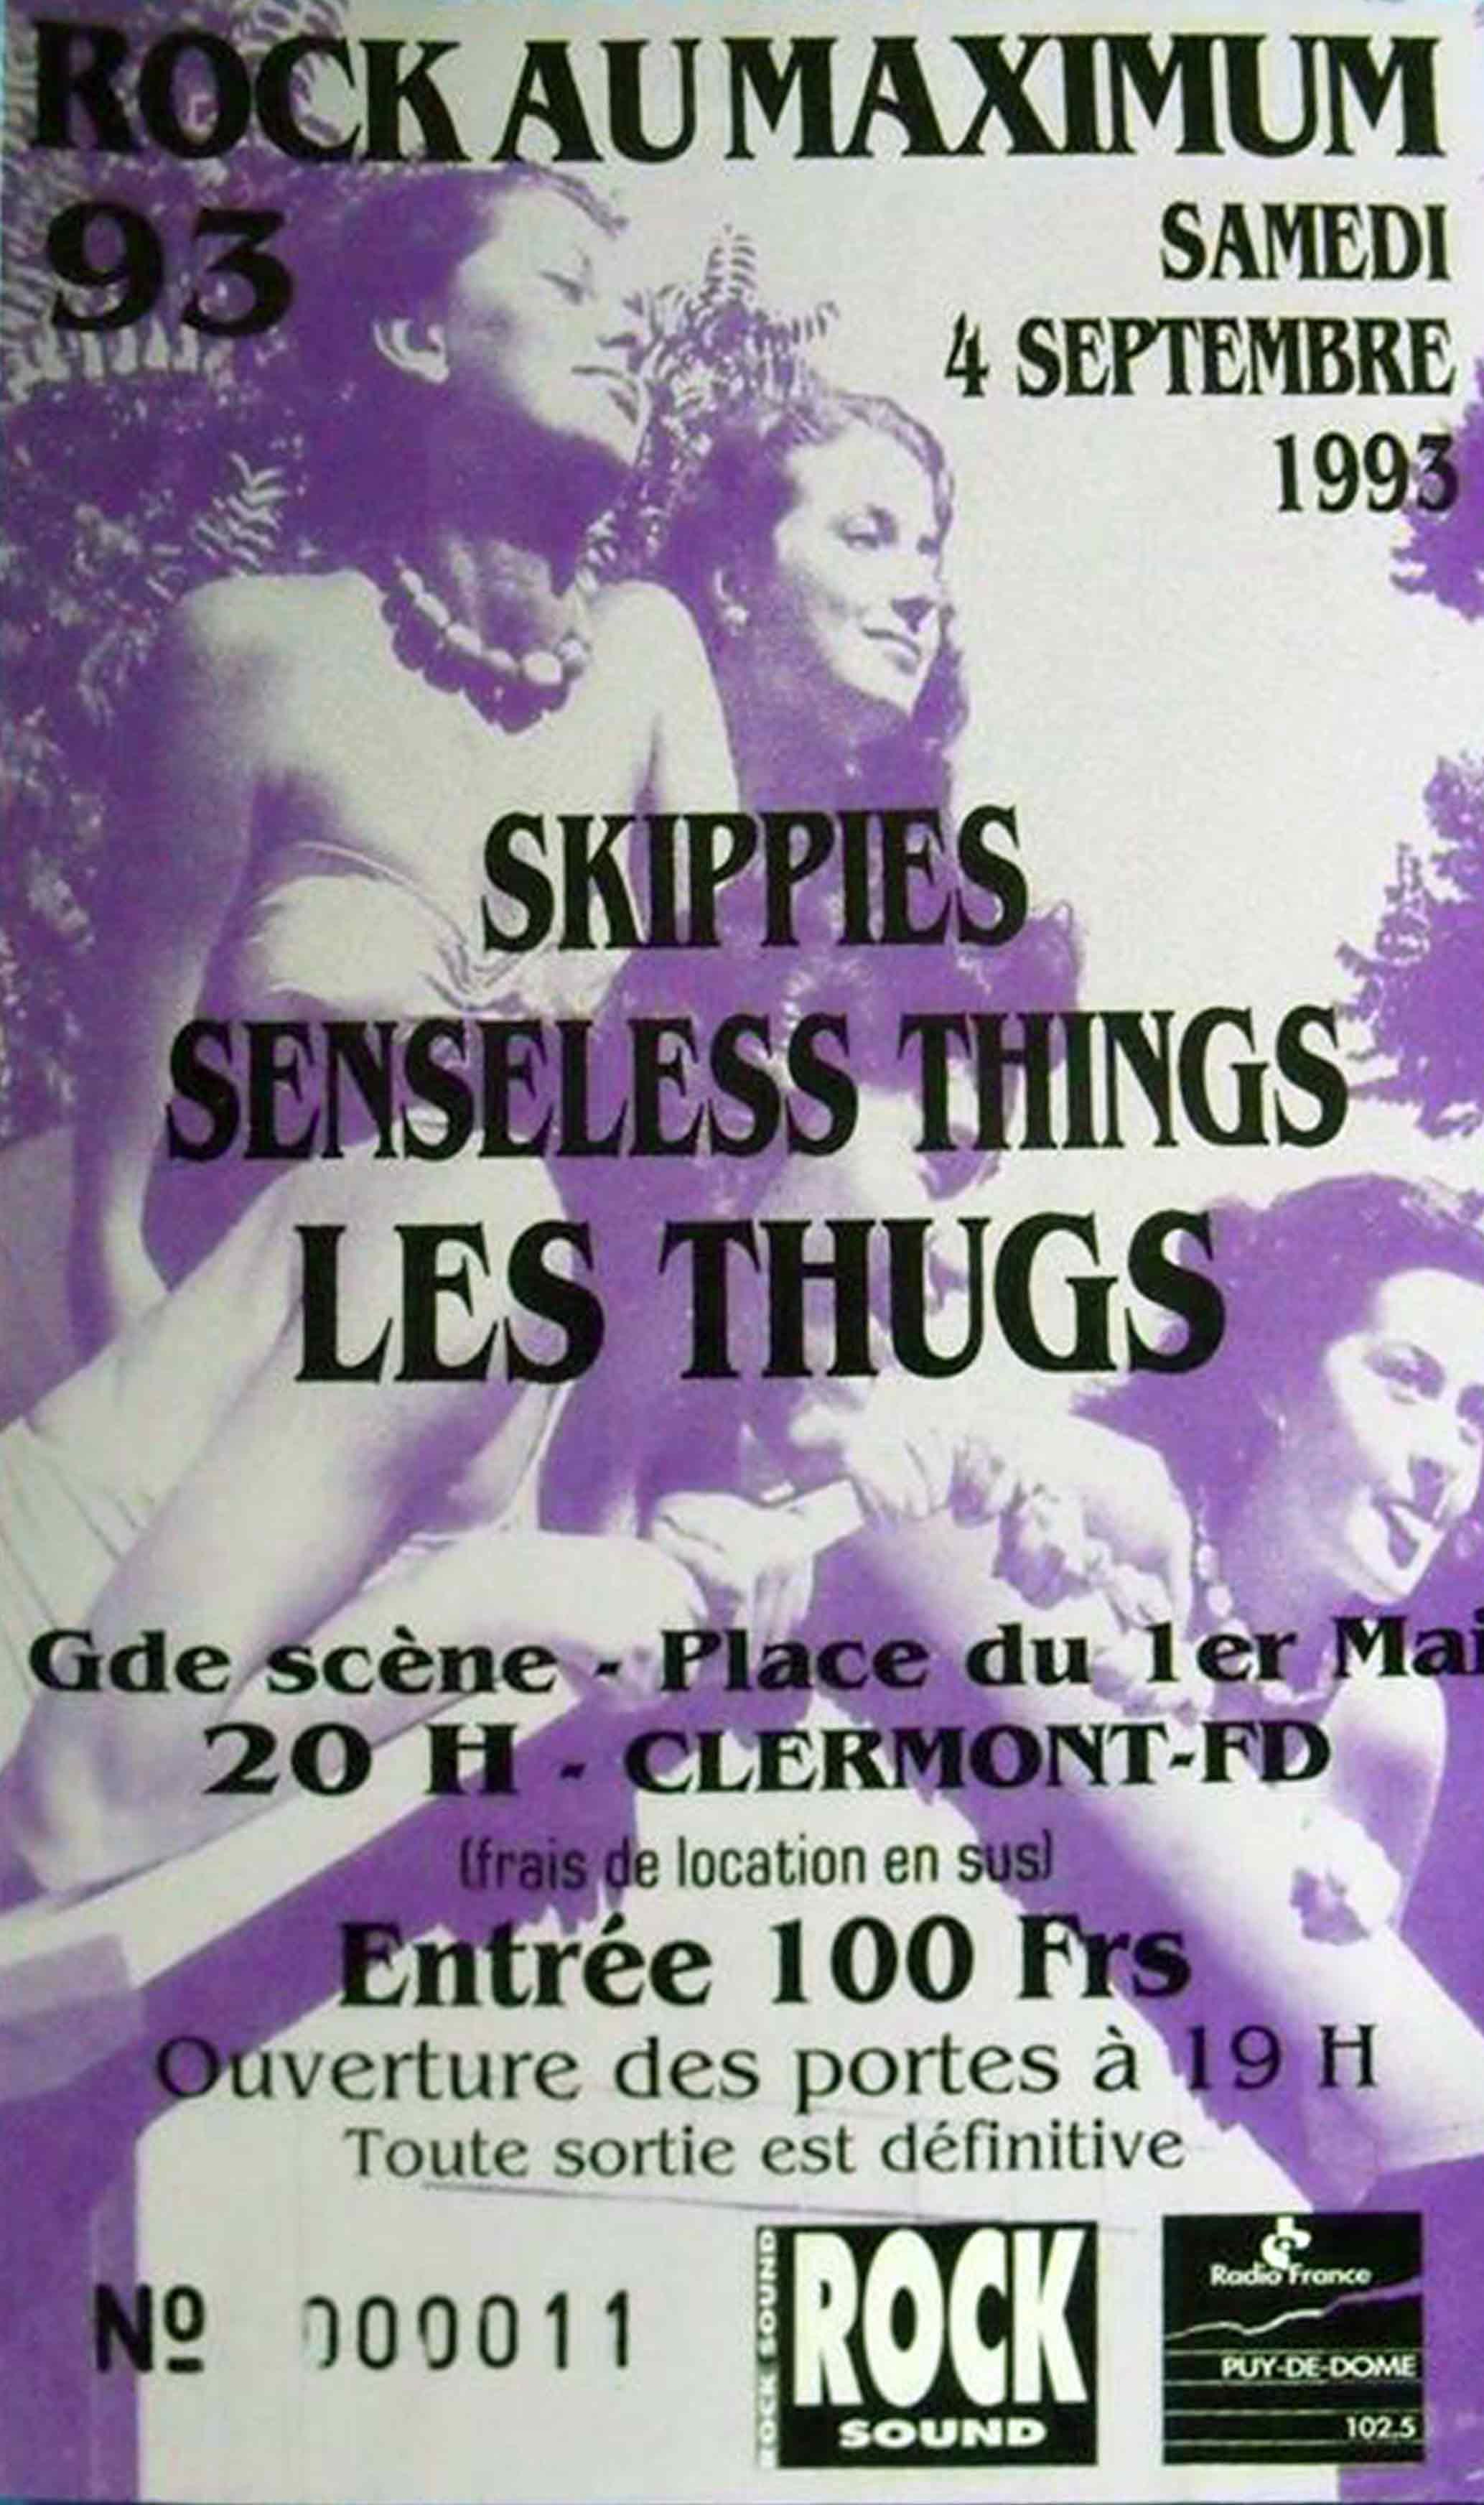 """4 septembre 1993 les Thugs, Senseless Things, Skippies à Clermont Ferrand """"Grande Scene Place du 1er Mai"""""""